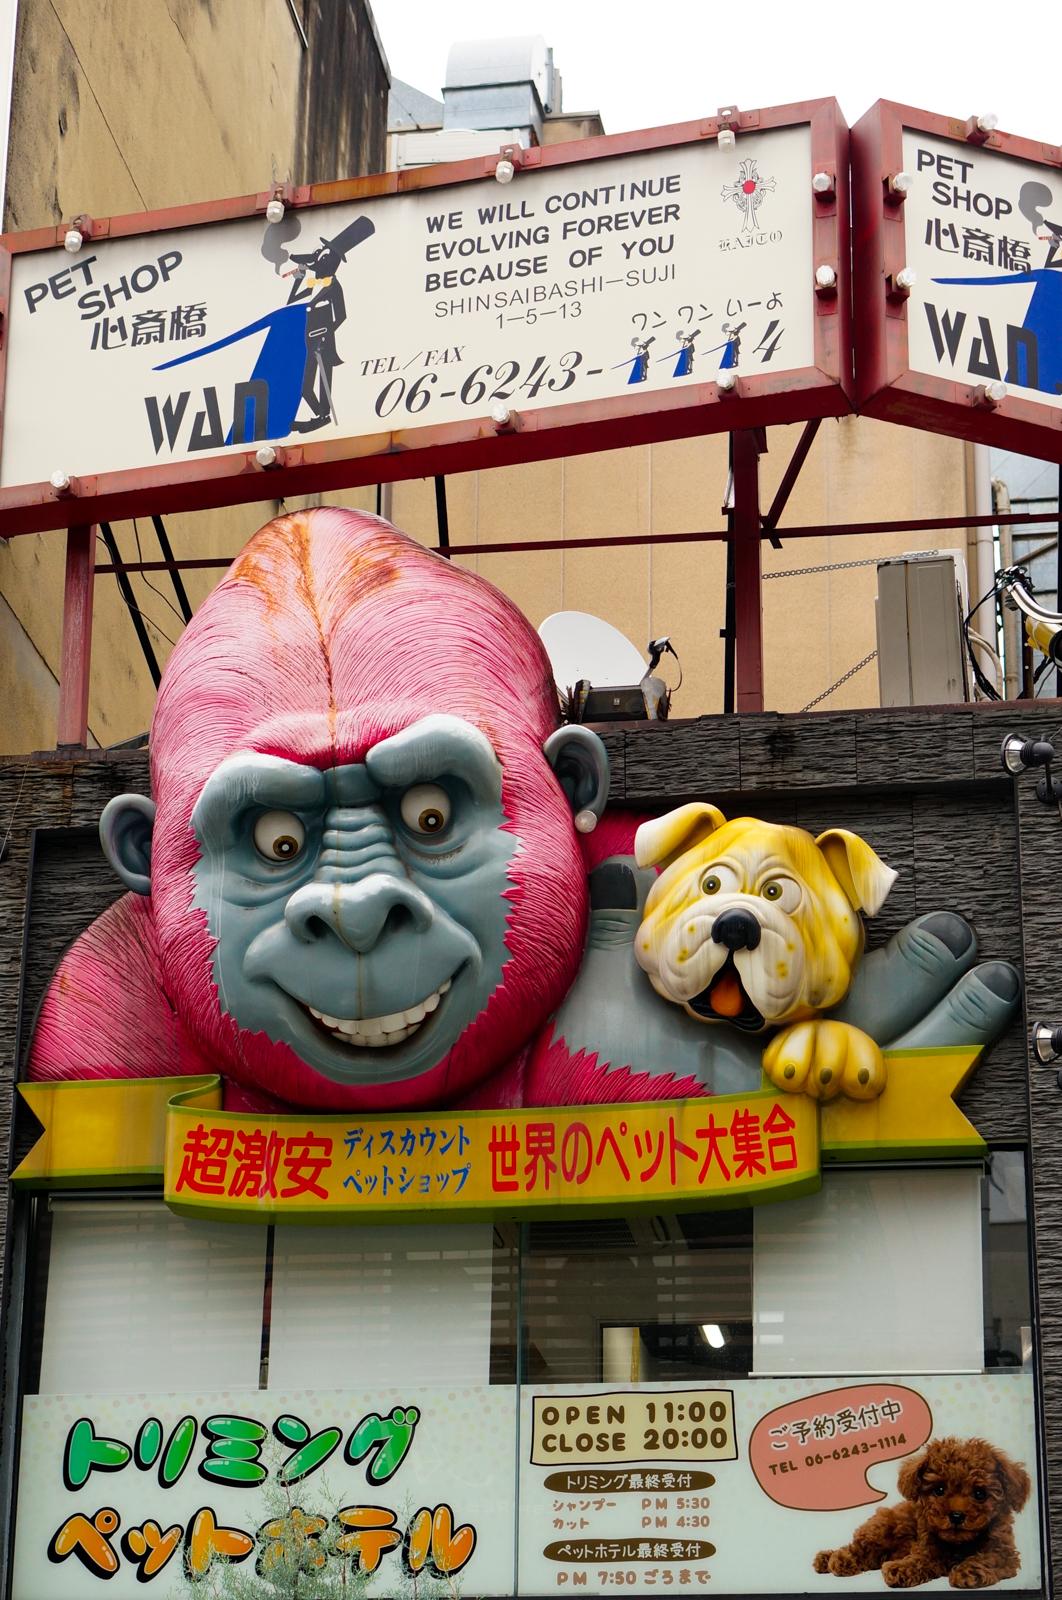 osaka, voyage japon, visiter osaka, osaka authentique, osaka enseigne, osaka enseignes géantes, osaka gorille, osaka animalerie